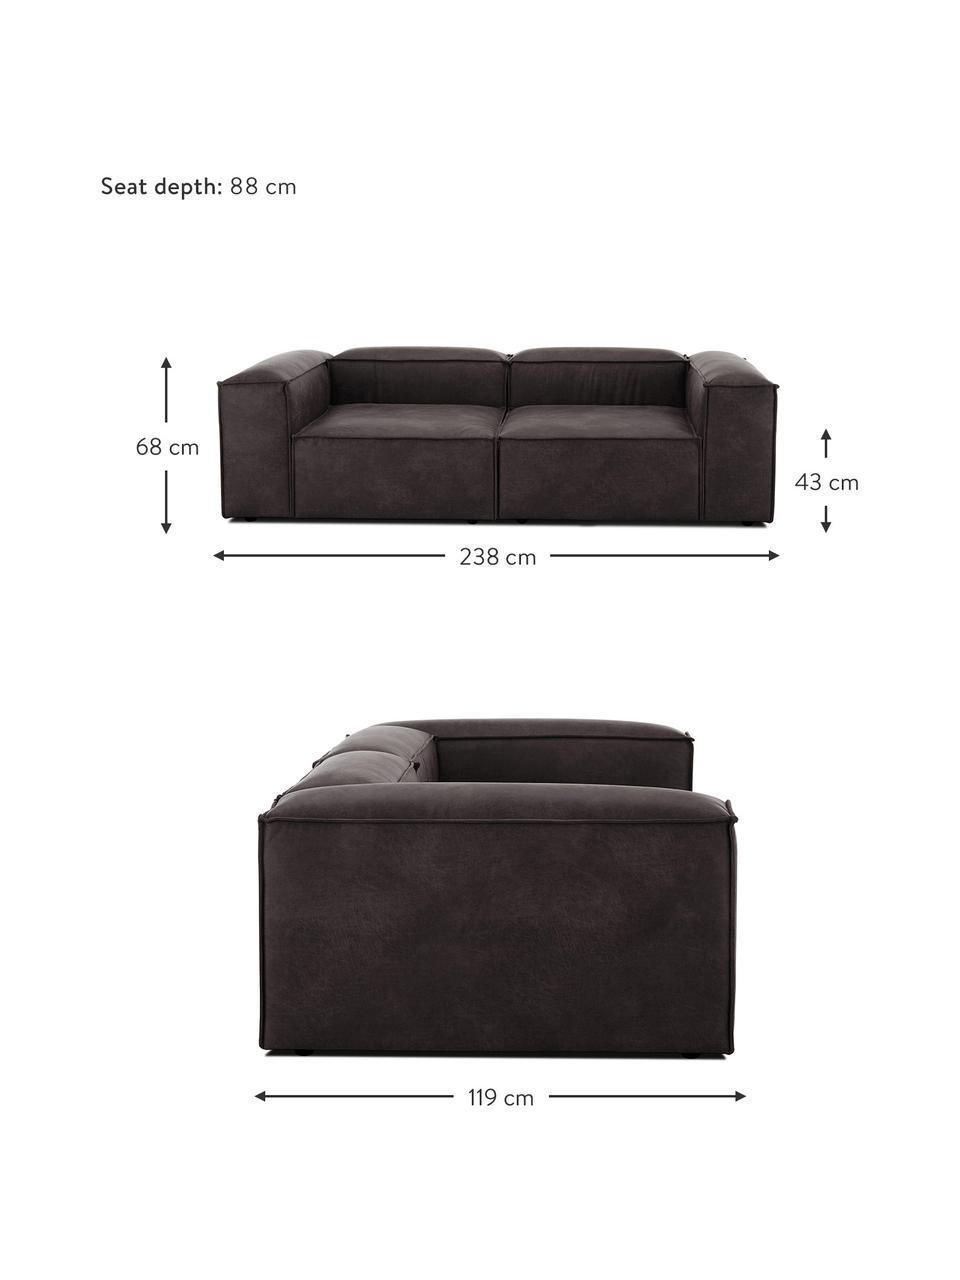 Sofa modułowa ze skóry z recyklingu Lennon (3-osobowa), Tapicerka: skóra pochodząca z recykl, Stelaż: lite drewno sosnowe, skle, Nogi: tworzywo sztuczne Nogi zn, Szarobrązowy, S 238 x G 119 cm